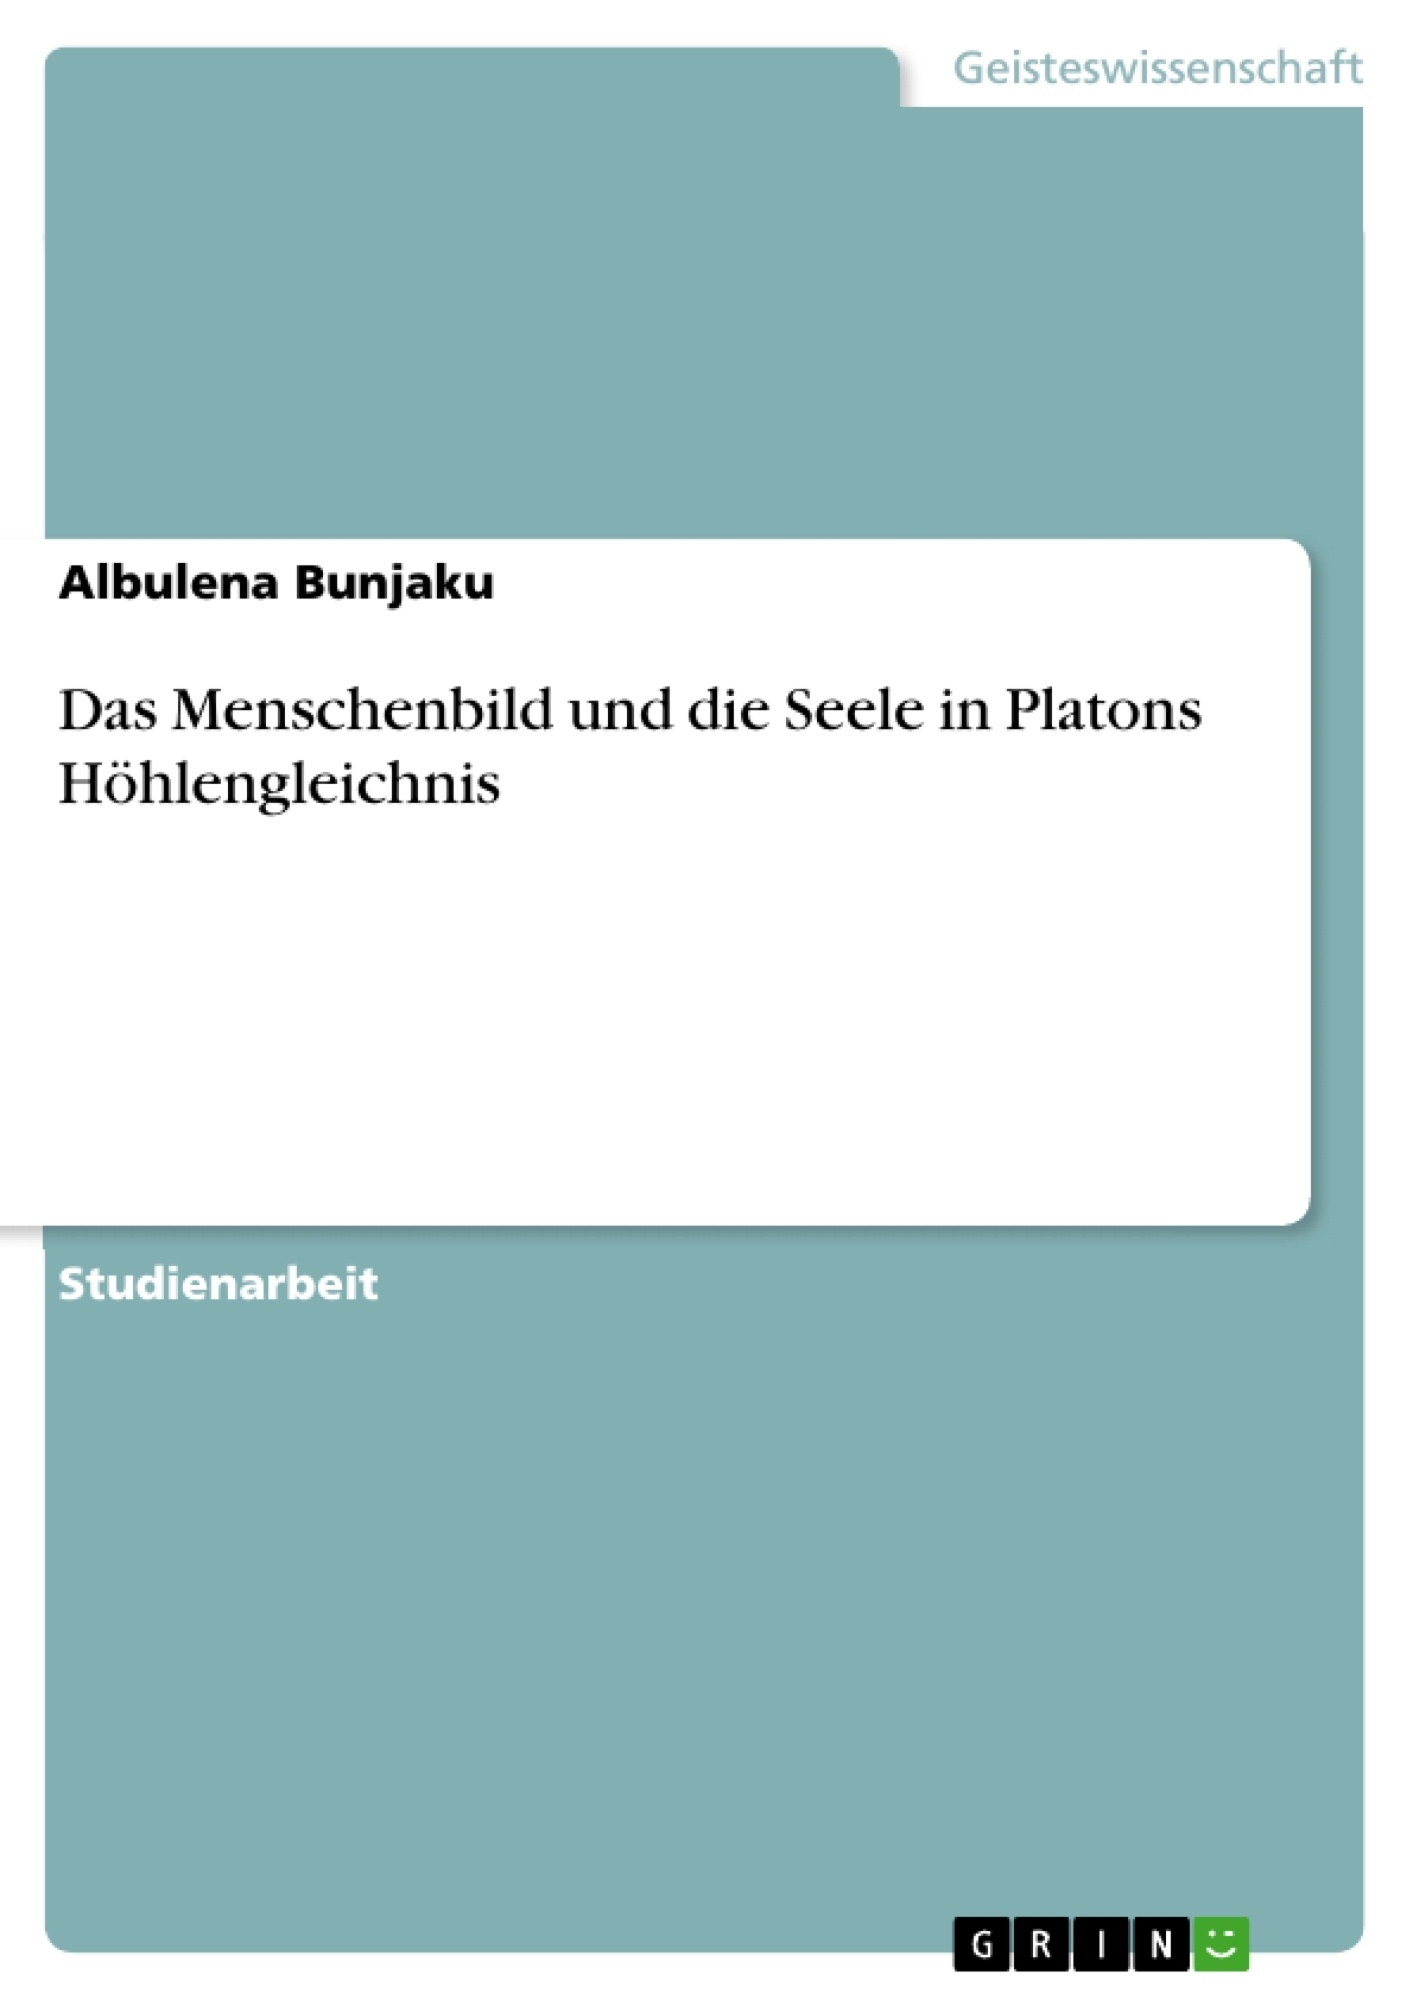 Titel: Das Menschenbild und die Seele in Platons Höhlengleichnis